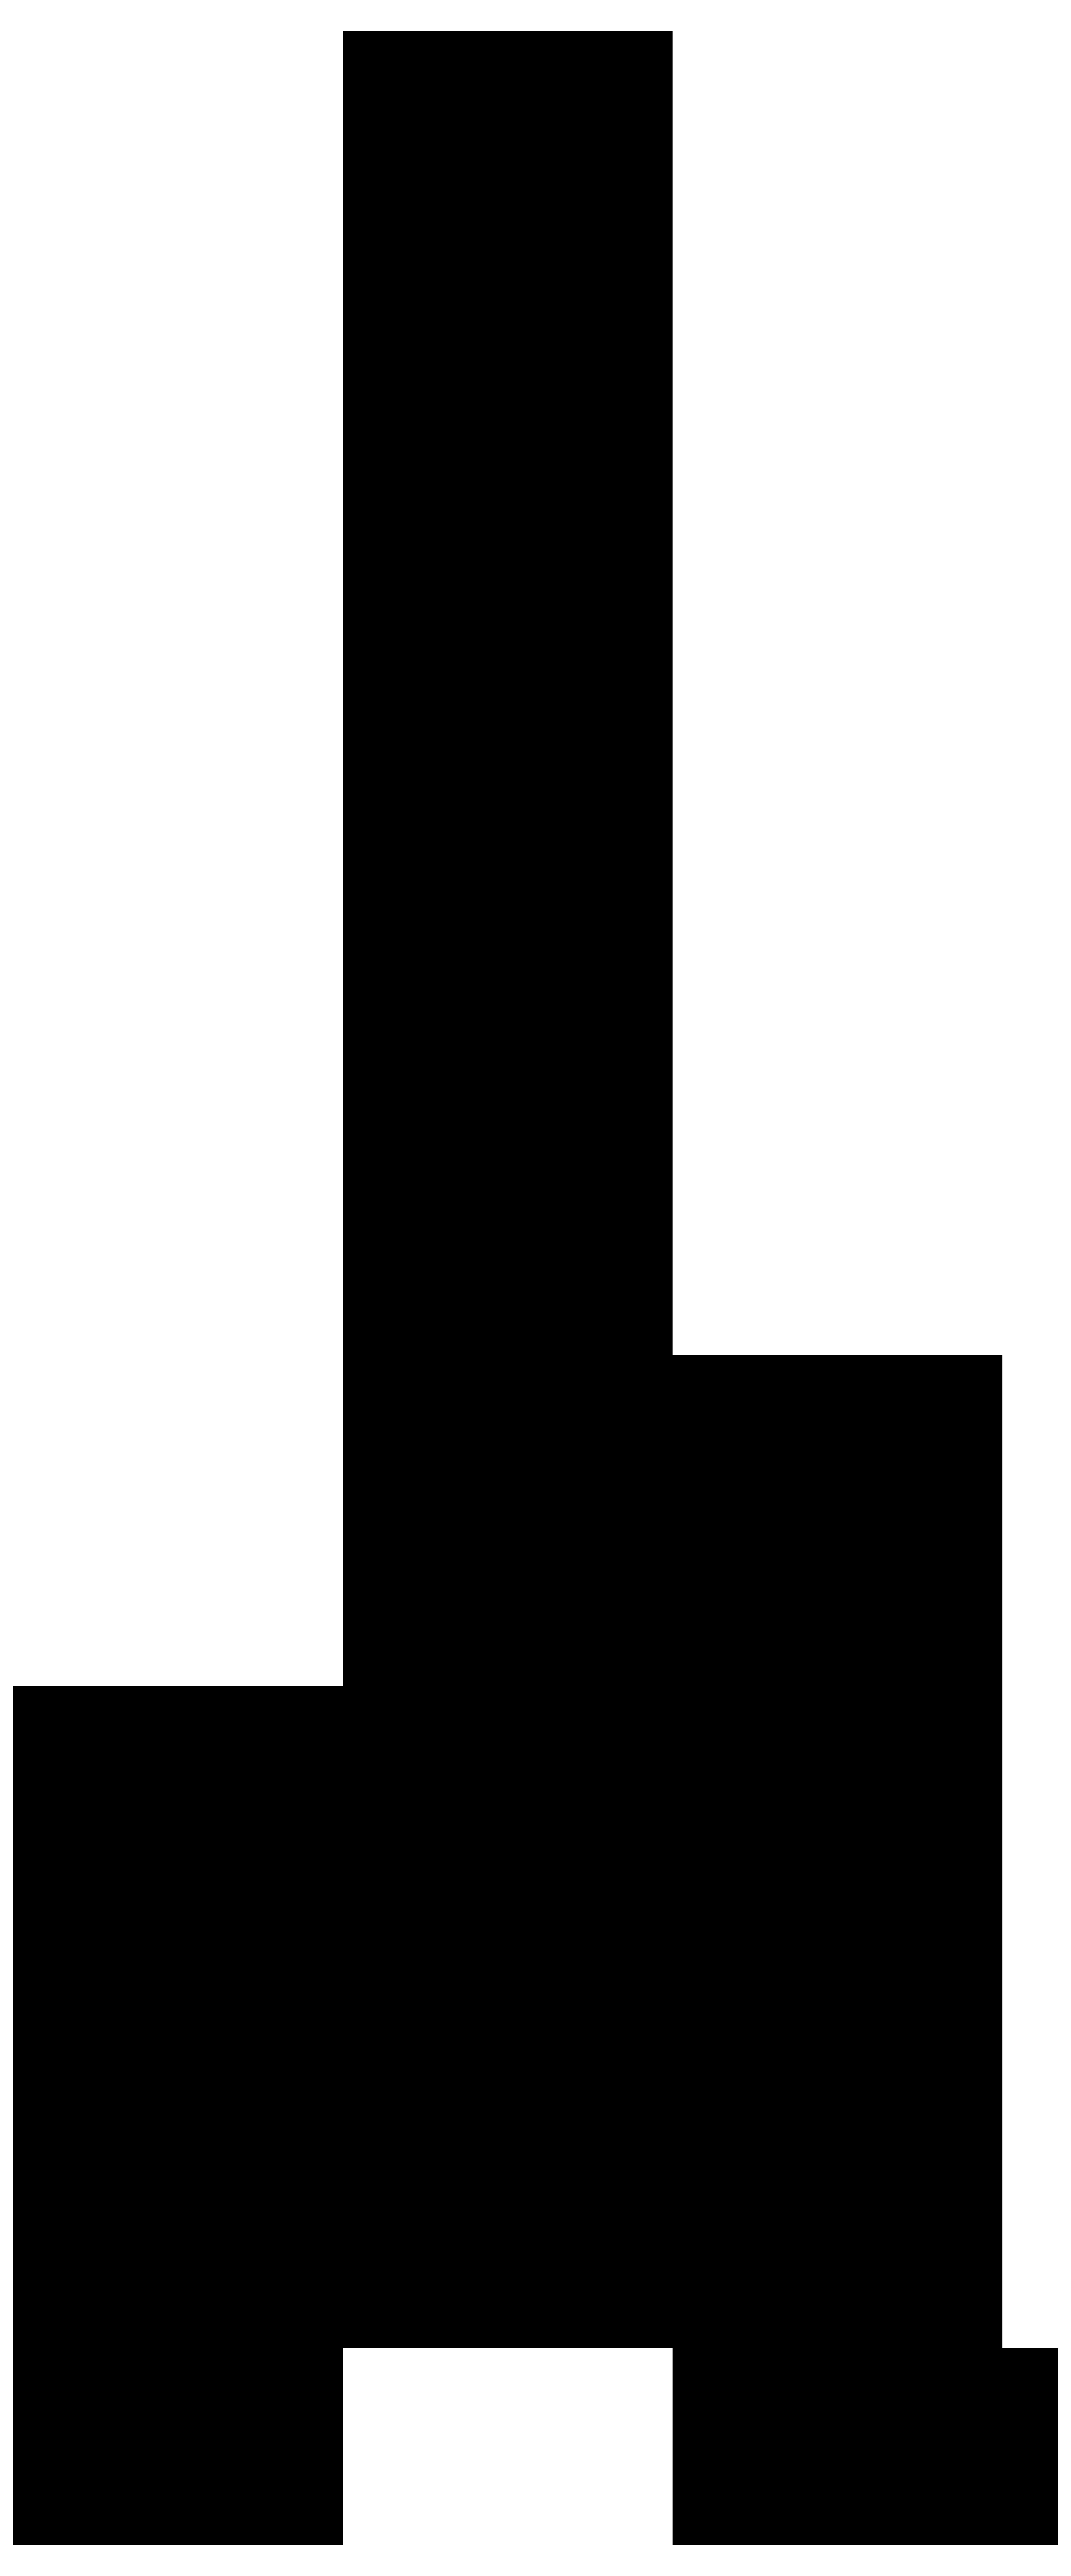 Transparent Eiffel Tower Silhouette PNG Clip Art Image - Tour Eiffel PNG